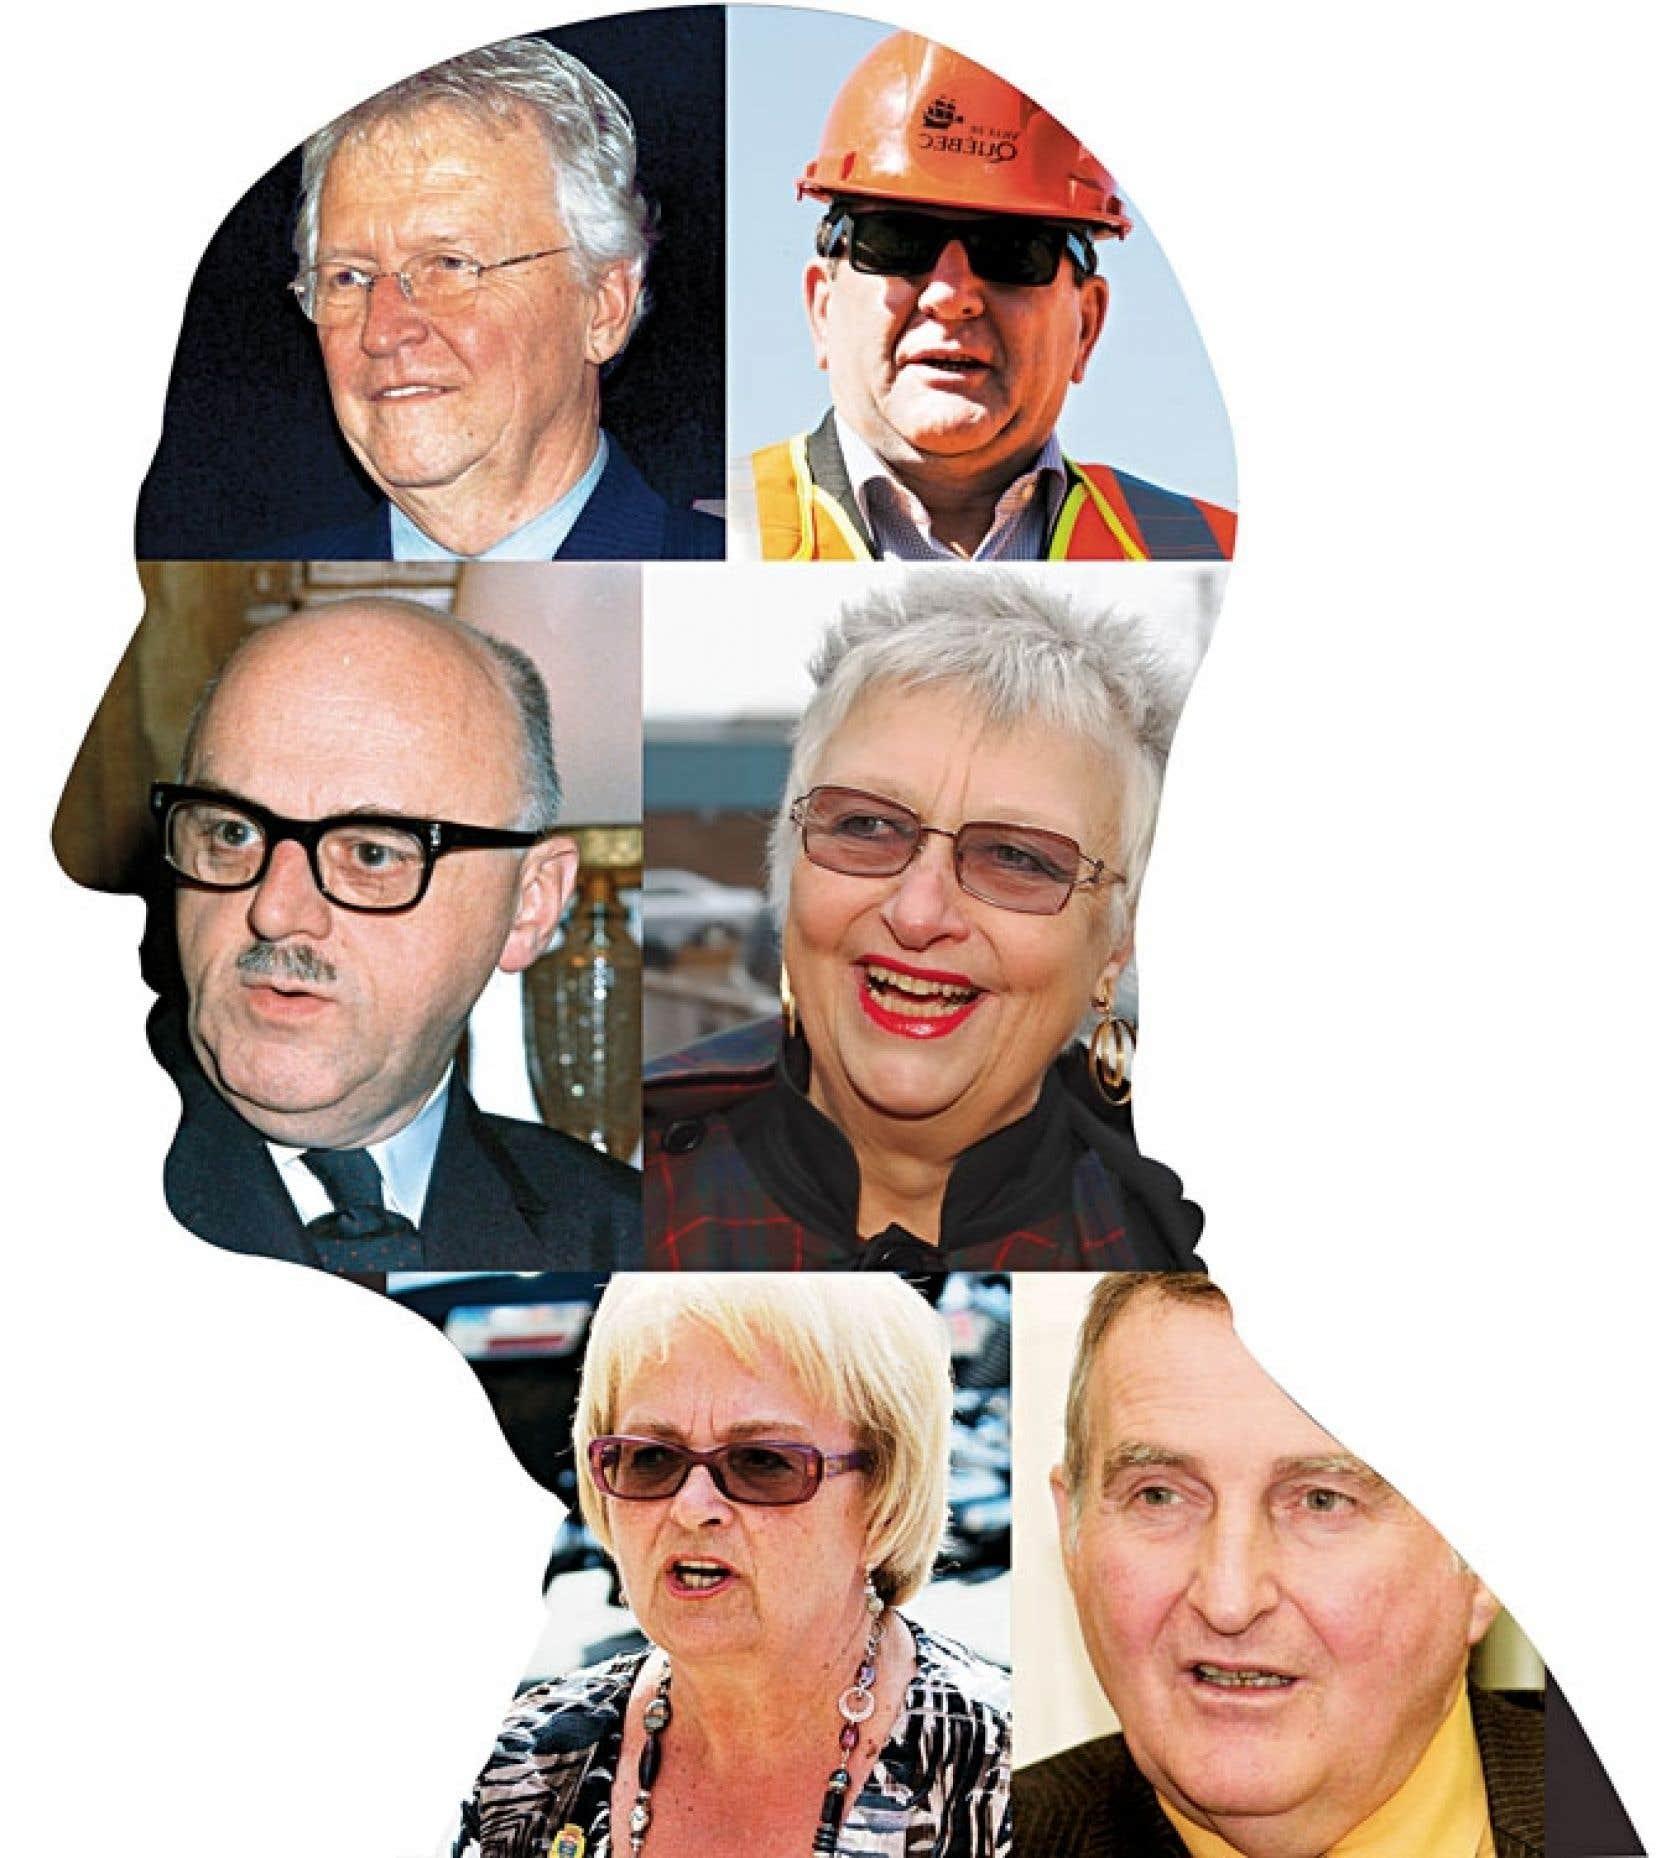 Les candidats exubérants, populistes, semblent avoir la cote récemment. Les maires comme Régis Labeaume (Québec), Jean Tremblay (Saguenay), et les candidats comme Denis Coderre (Montréal) misent sur leur «proximité» avec les gens pour se faire élire.